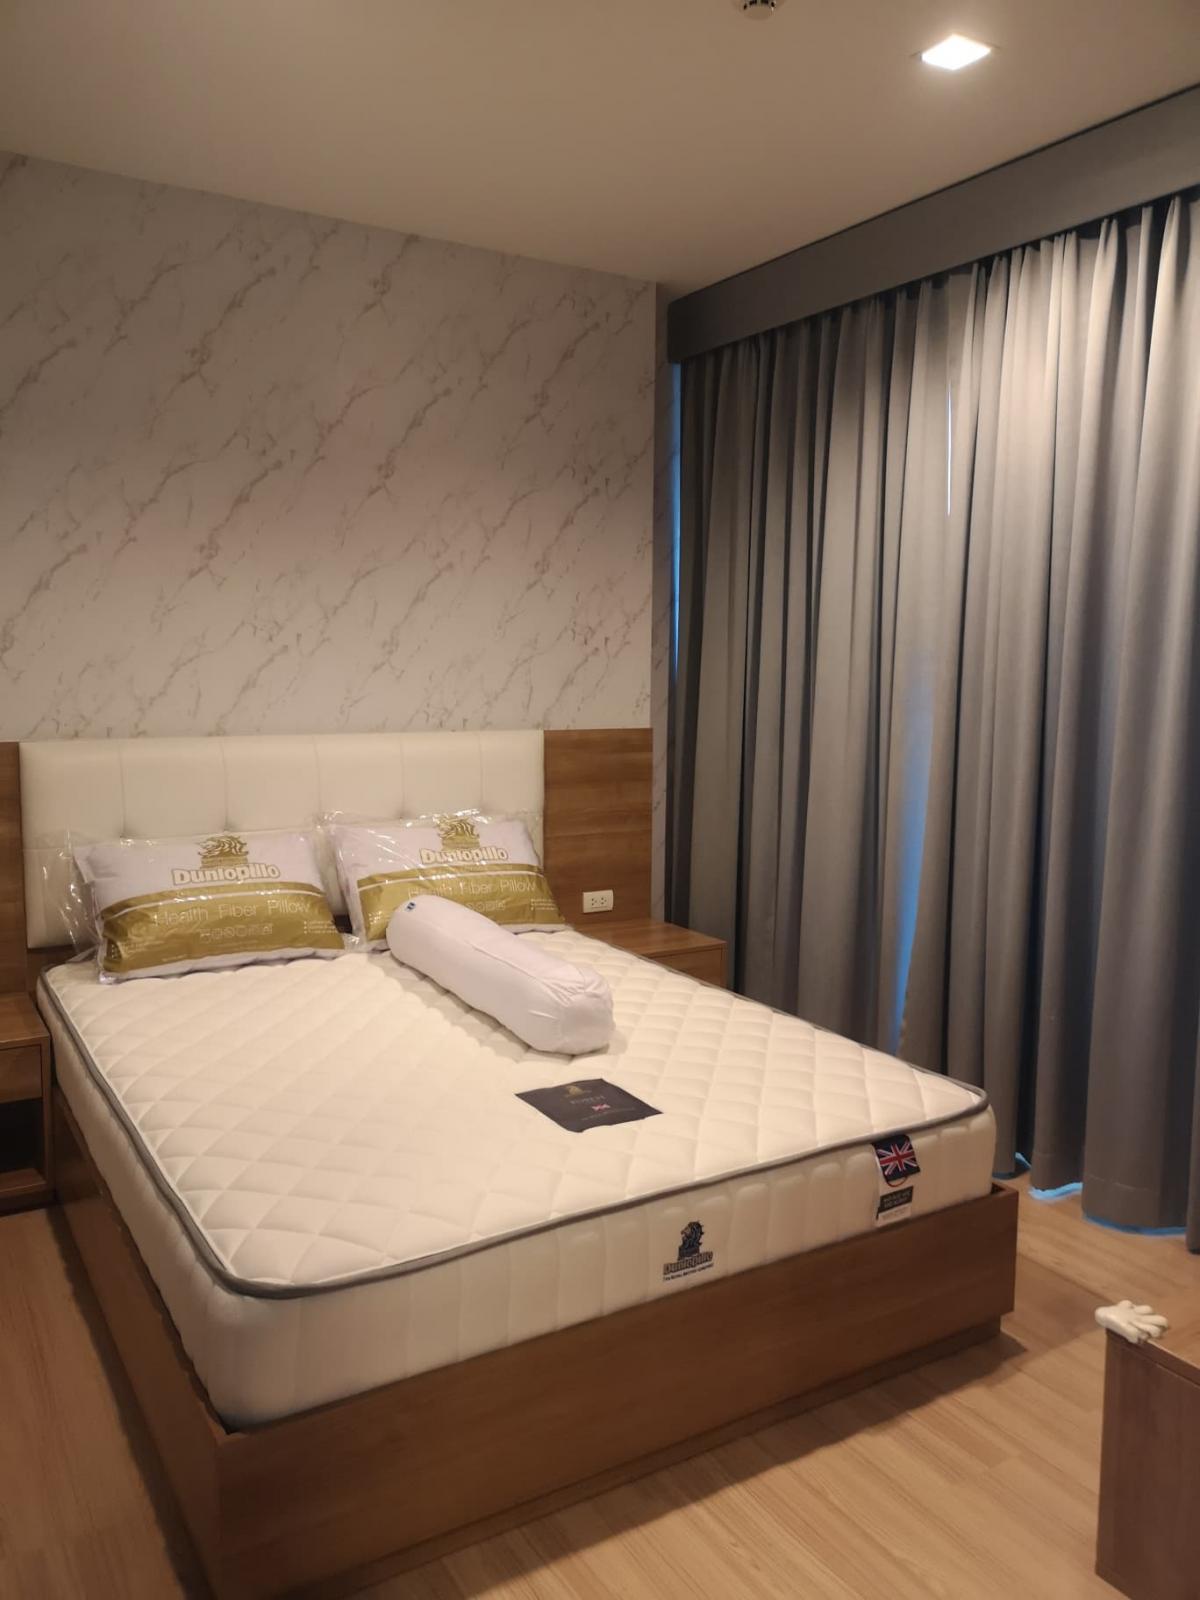 รูปของประกาศเช่าคอนโดริทึ่ม สาทร(1 ห้องนอน)(1)